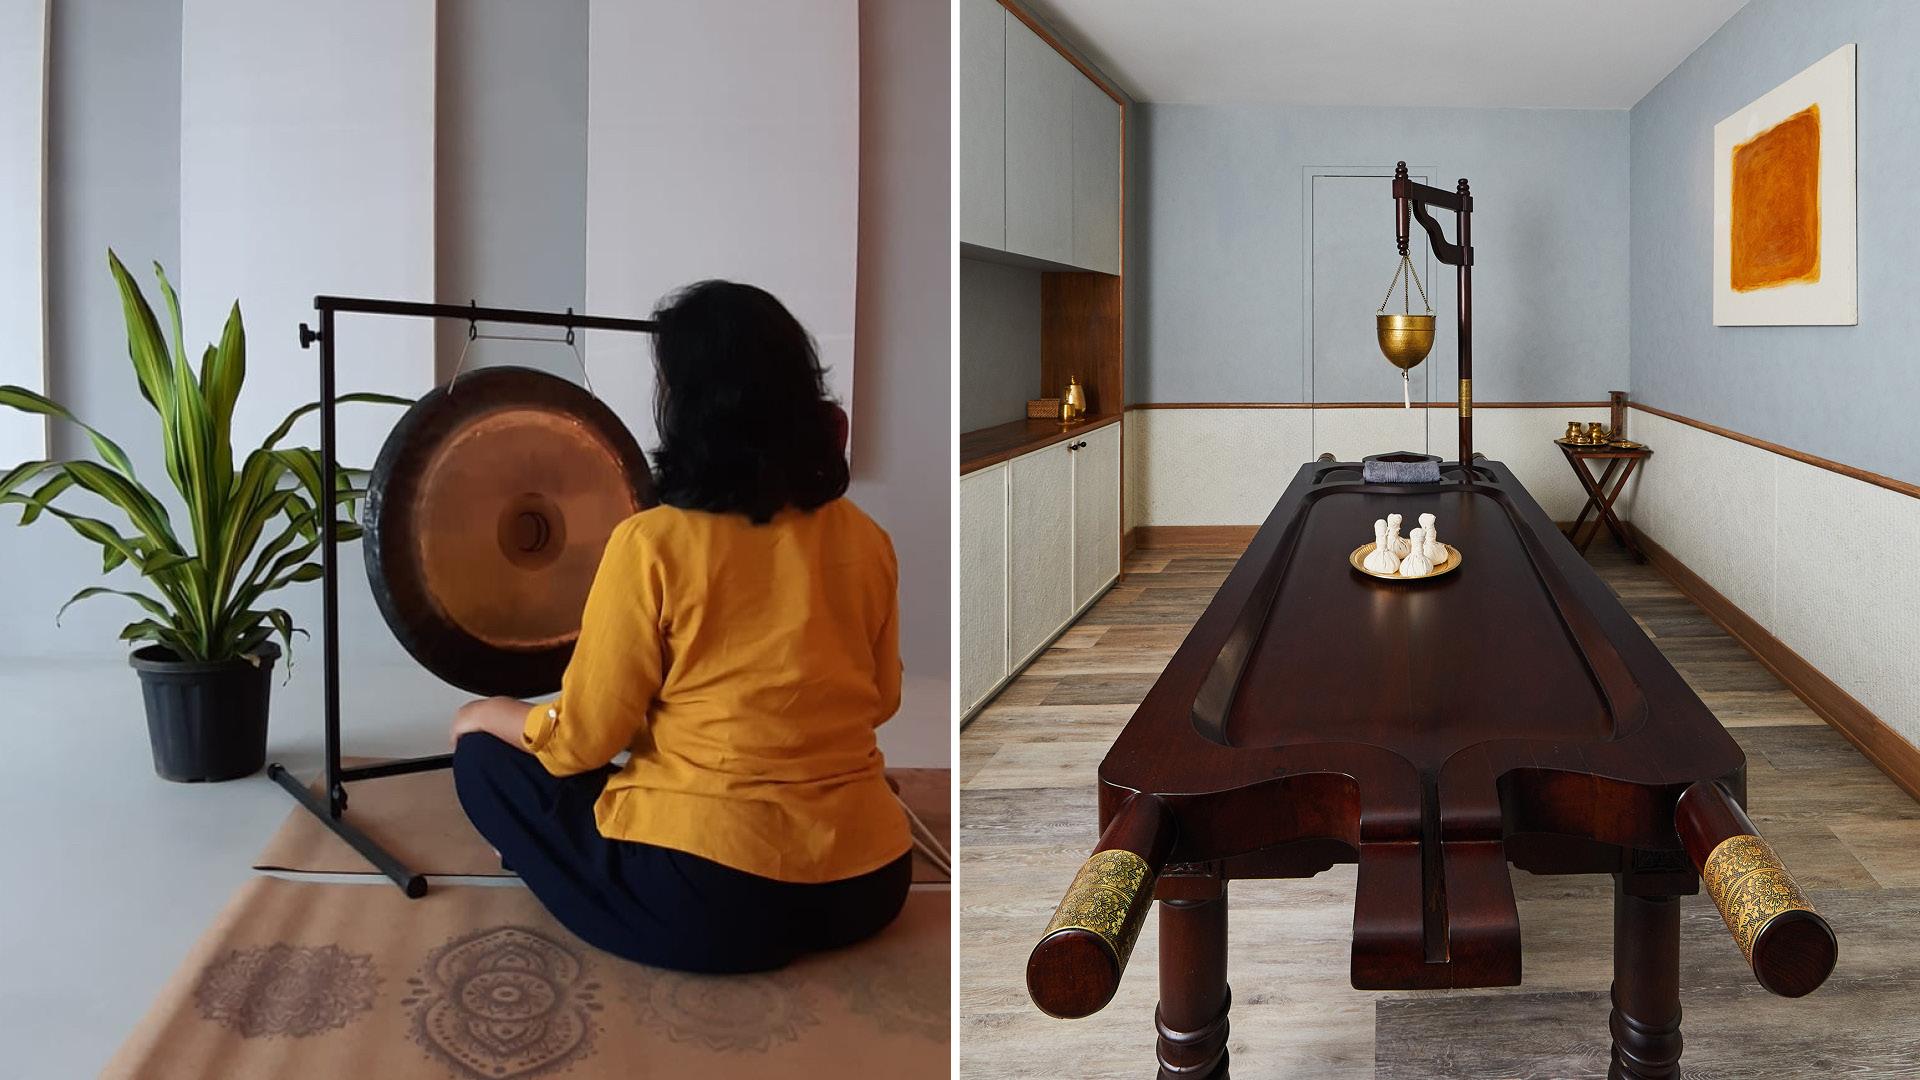 Siddharth Dhanvant Shanghvi Experiences Thorough Cleansing